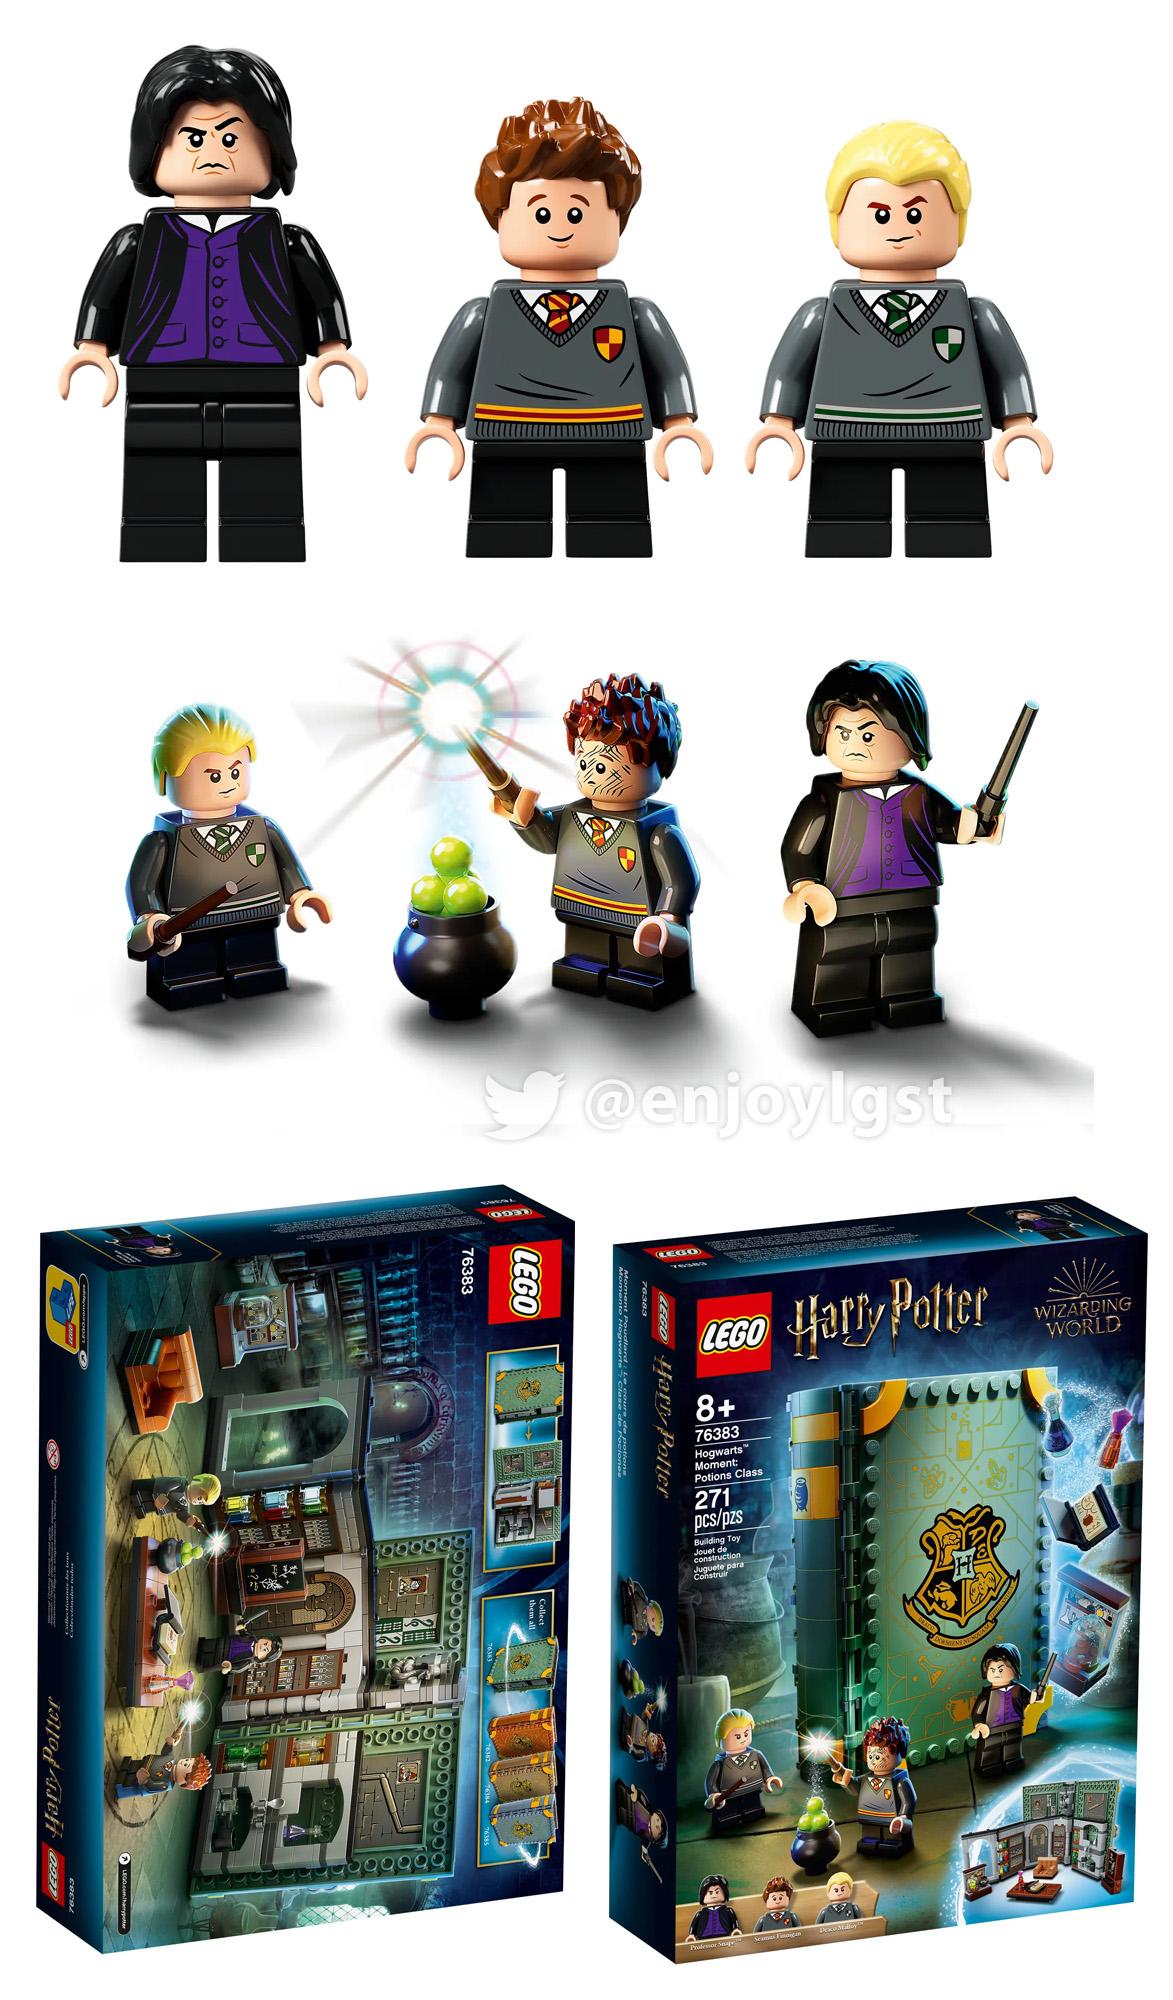 2021年レゴハリー・ポッター新製品第1弾情報!みんな大好き魔法シリーズ:本シリーズ発売